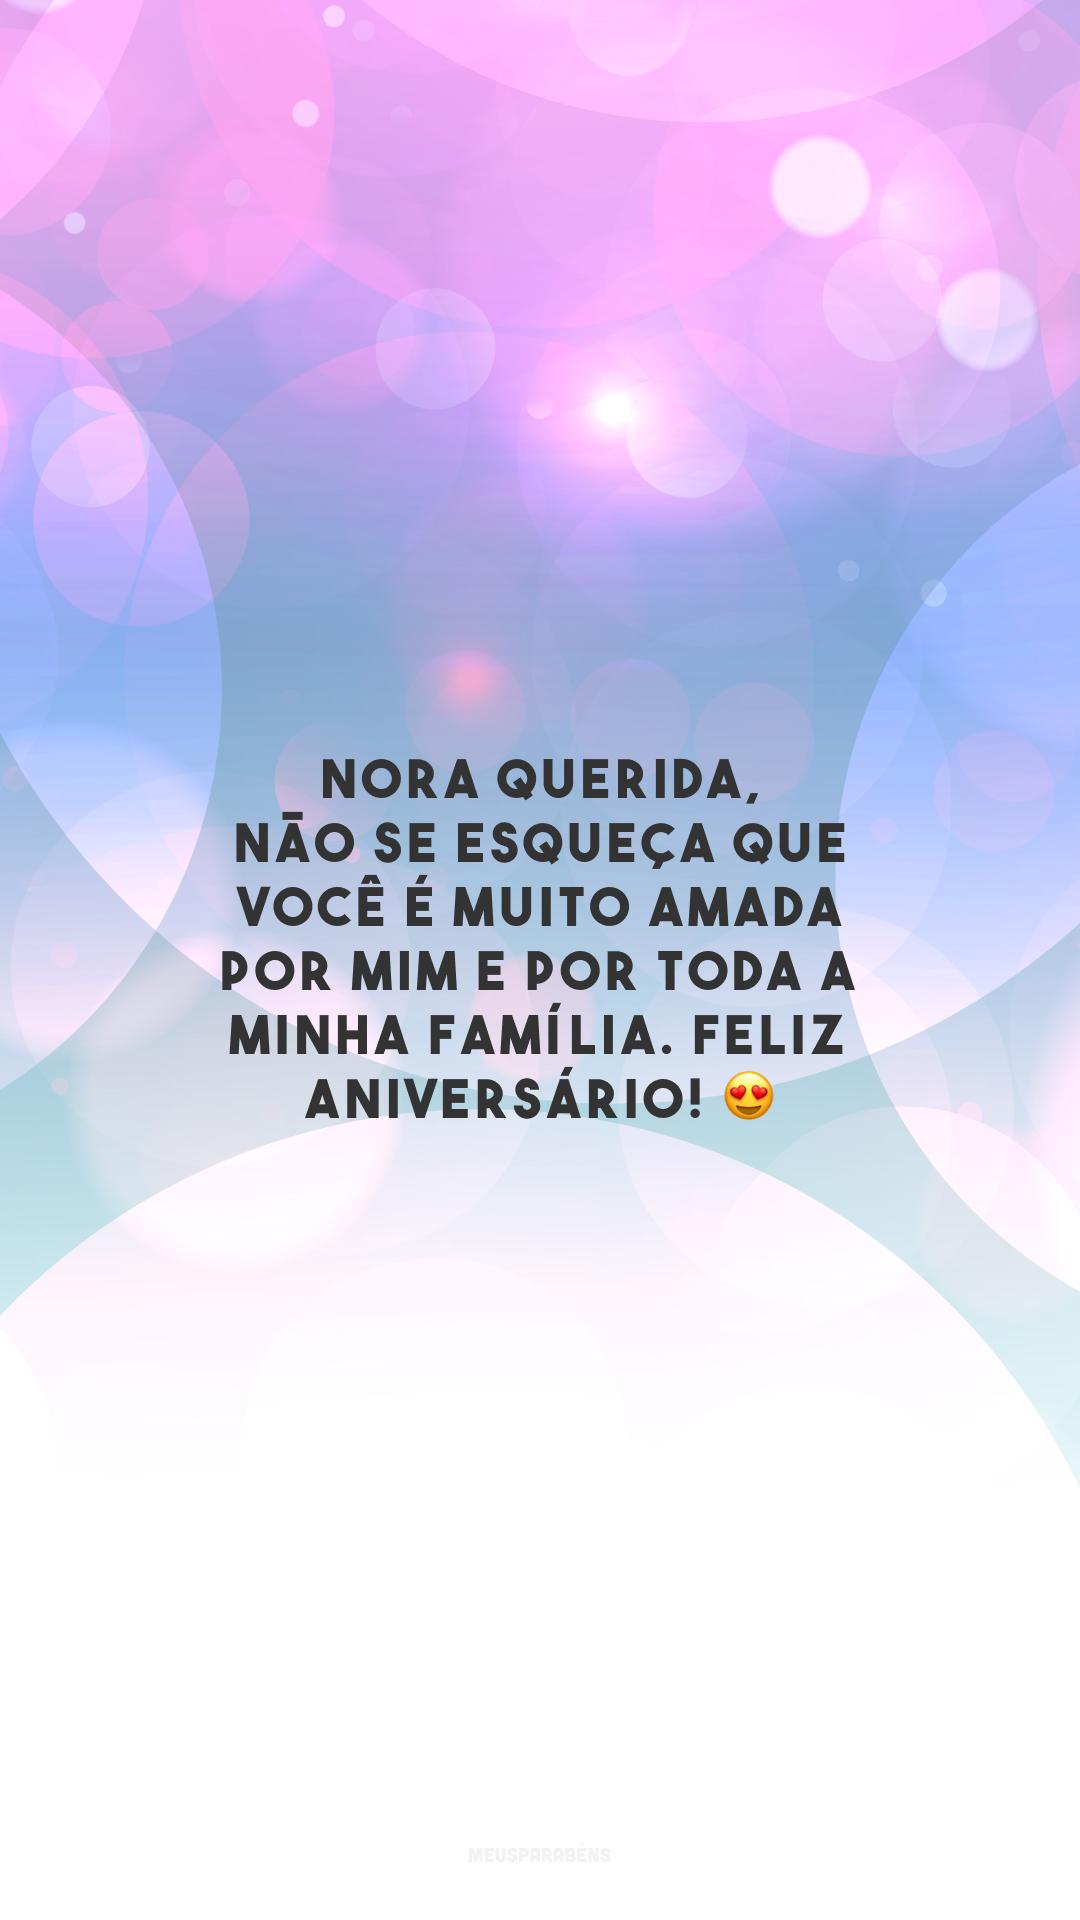 Nora querida, não se esqueça que você é muito amada por mim e por toda a minha família. Feliz aniversário! 😍